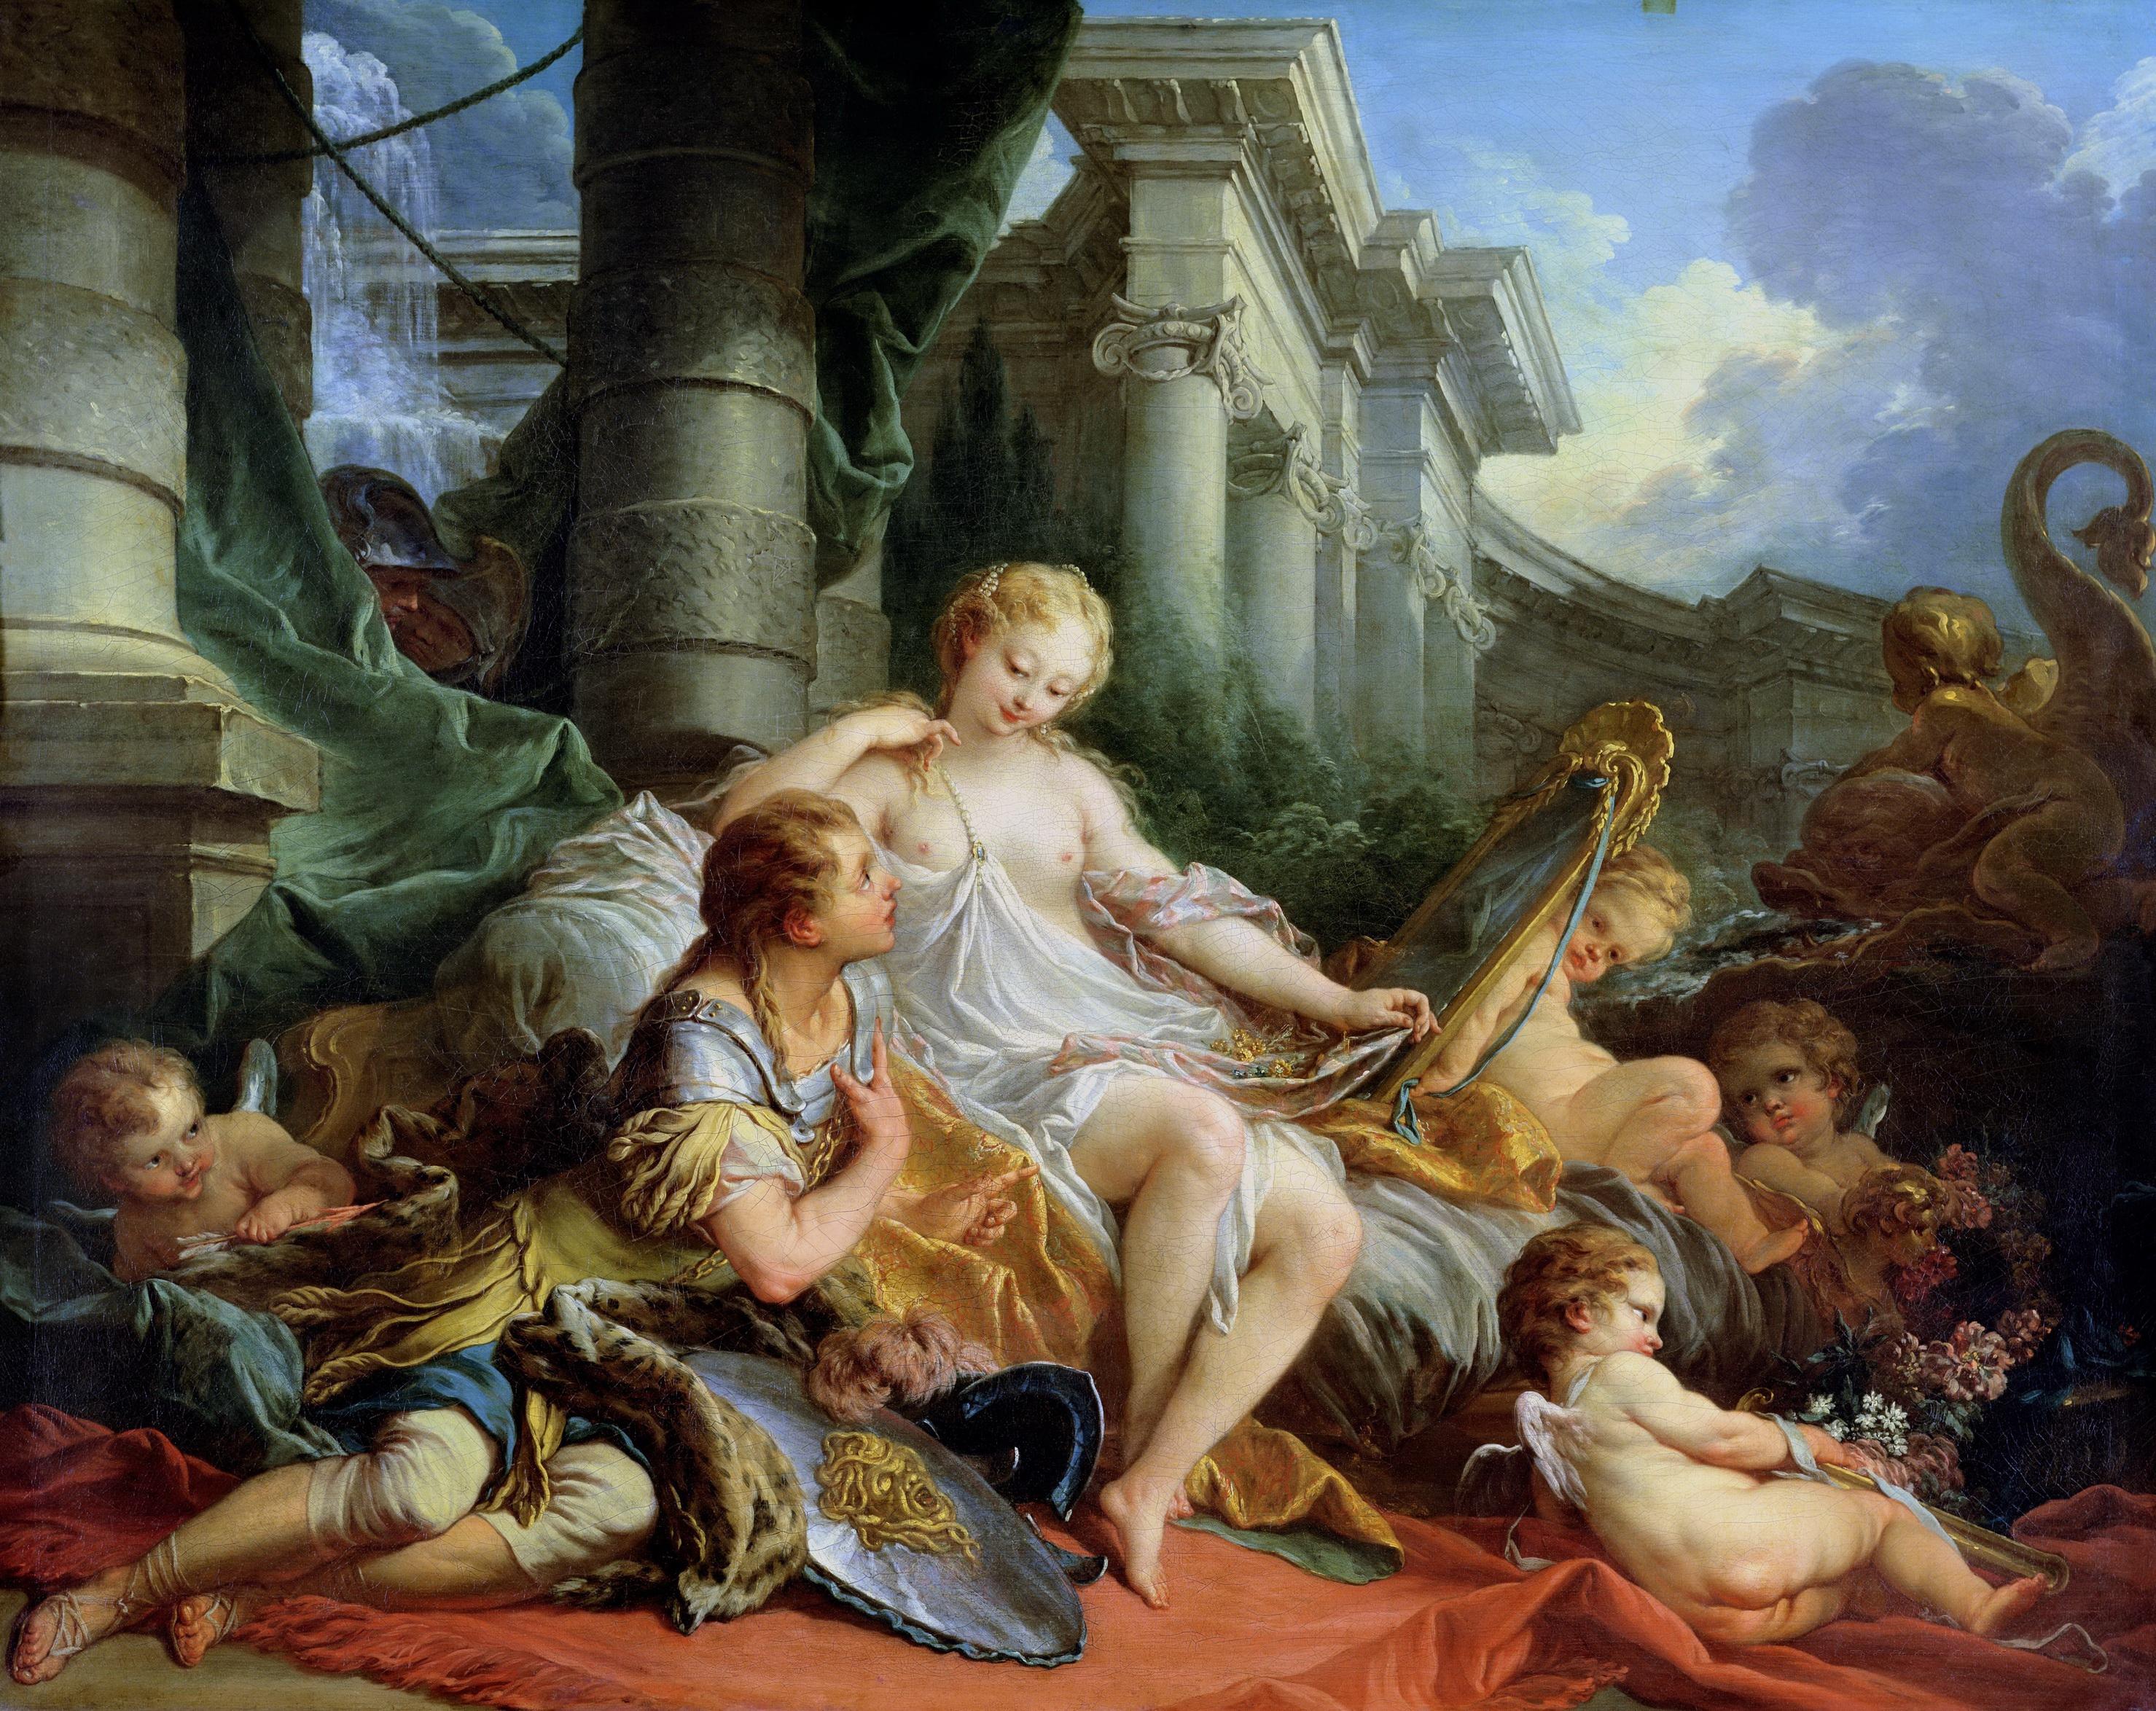 """Франсуа Буше (Francois Boucher) """"Ринальдо и Армида"""", 1734, (135,5 x 170,5; Париж, Лувр)"""